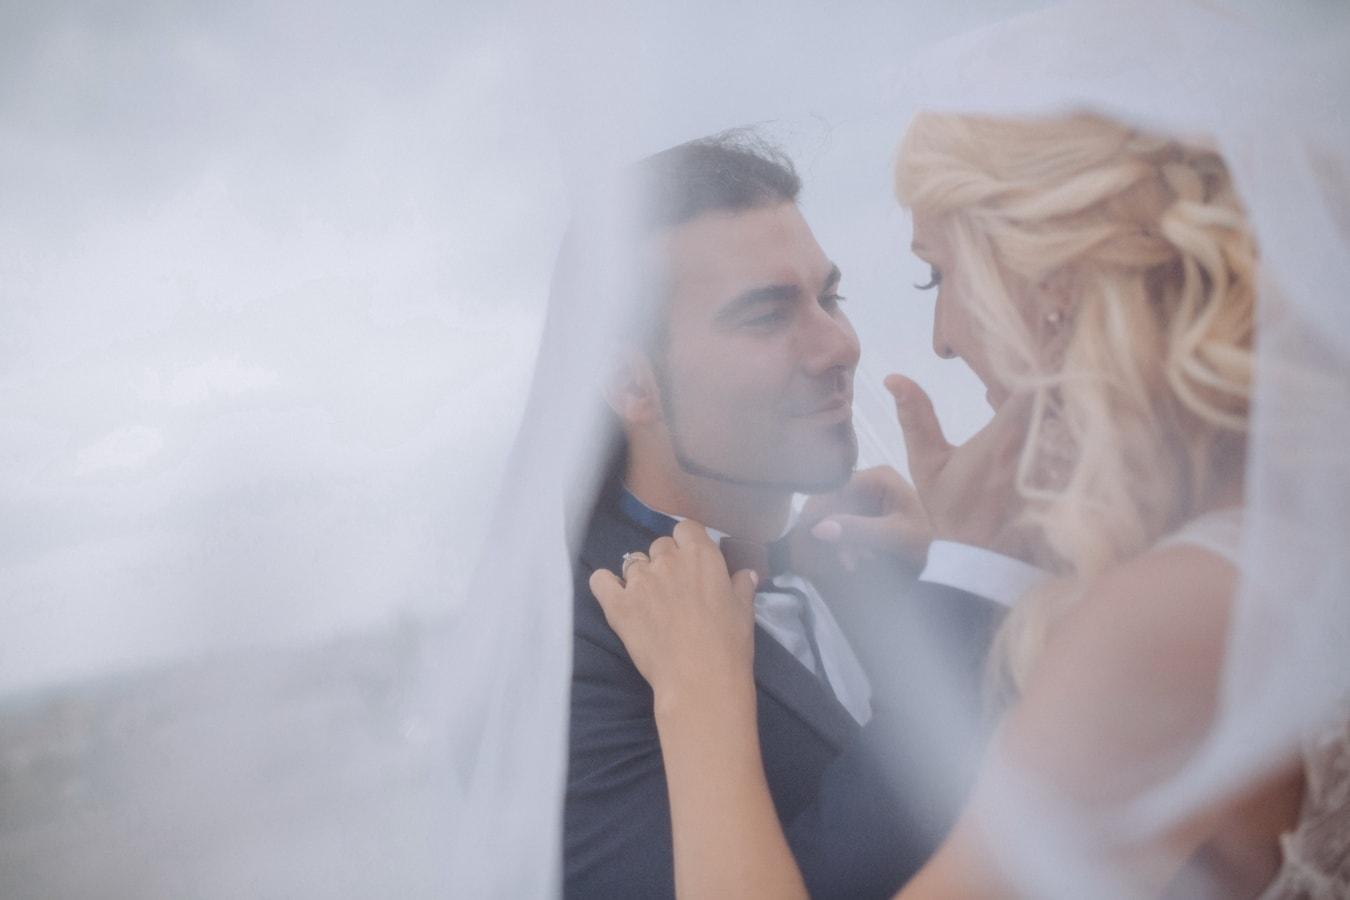 jeune marié, la mariée, en dessous, robe de mariée, voile, femme, Portrait, amour, mariage, romance